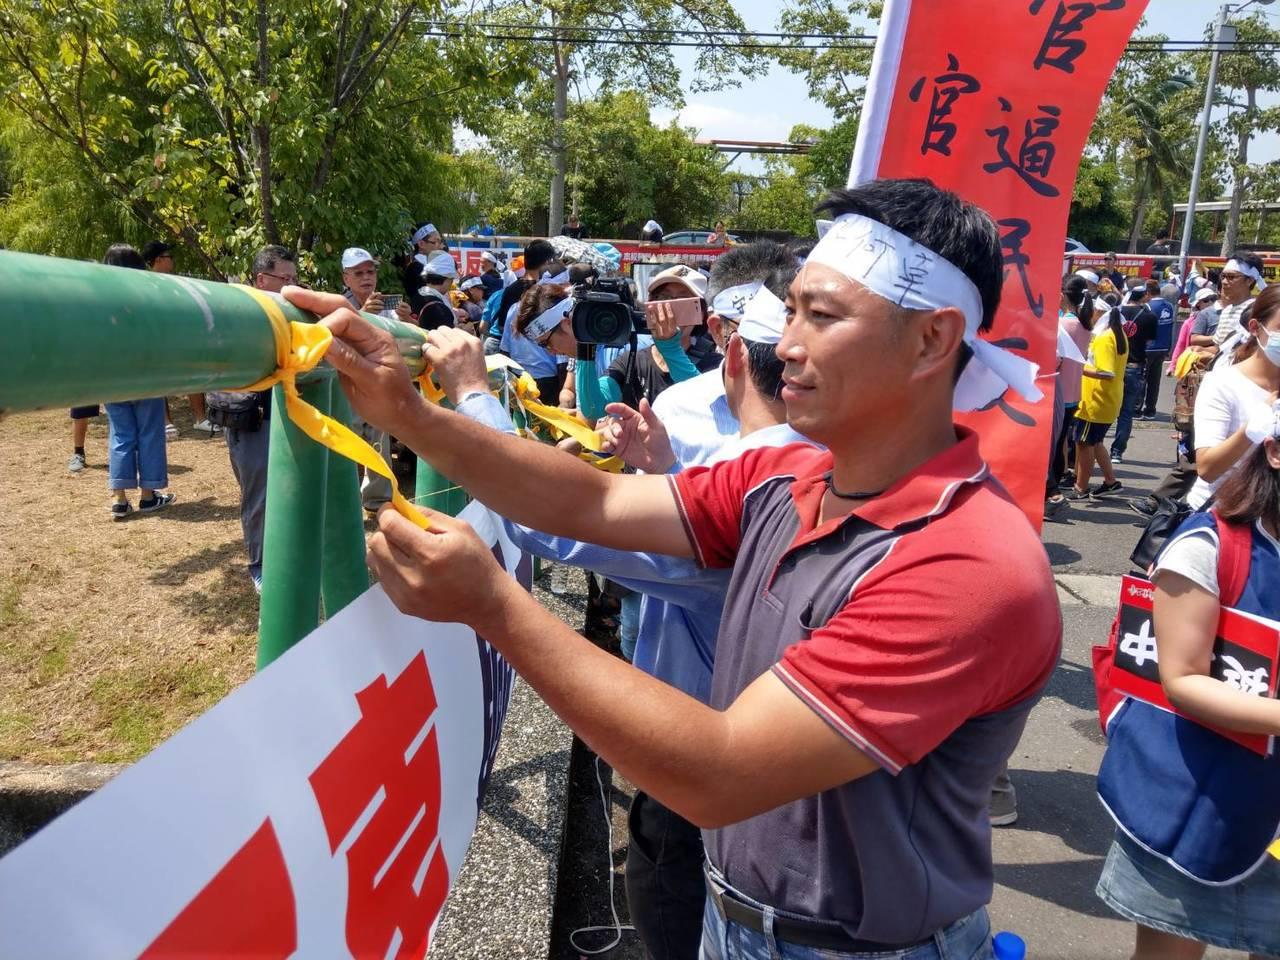 搶救宜蘭興中國中的地方人士在校園繫上黃絲帶,表達聲援力挺。 記者戴永華/攝影